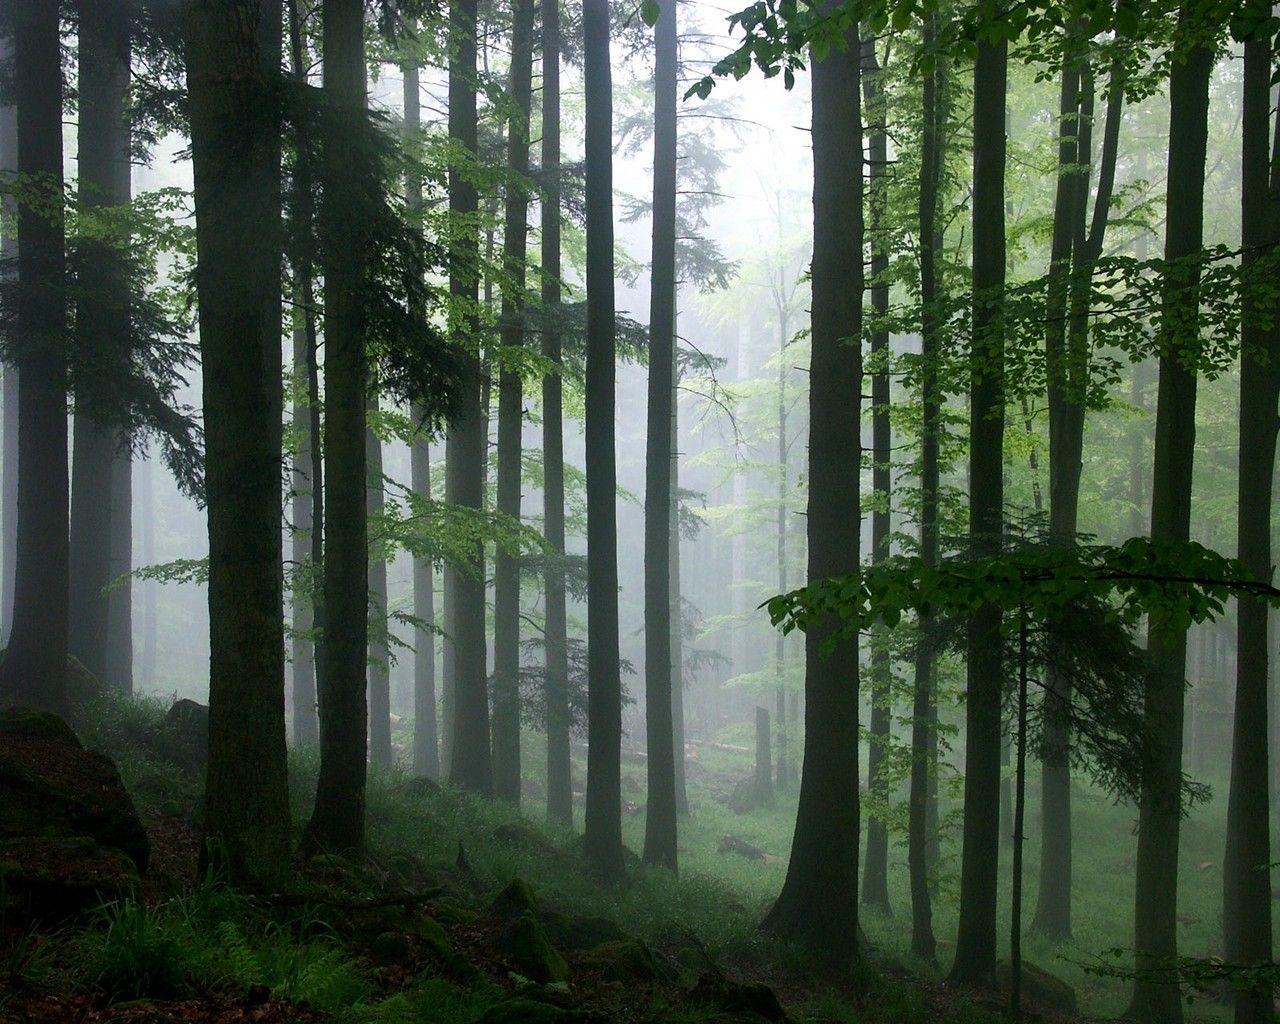 The Rainforest High Definition Desktop Wallpapers | HD ...